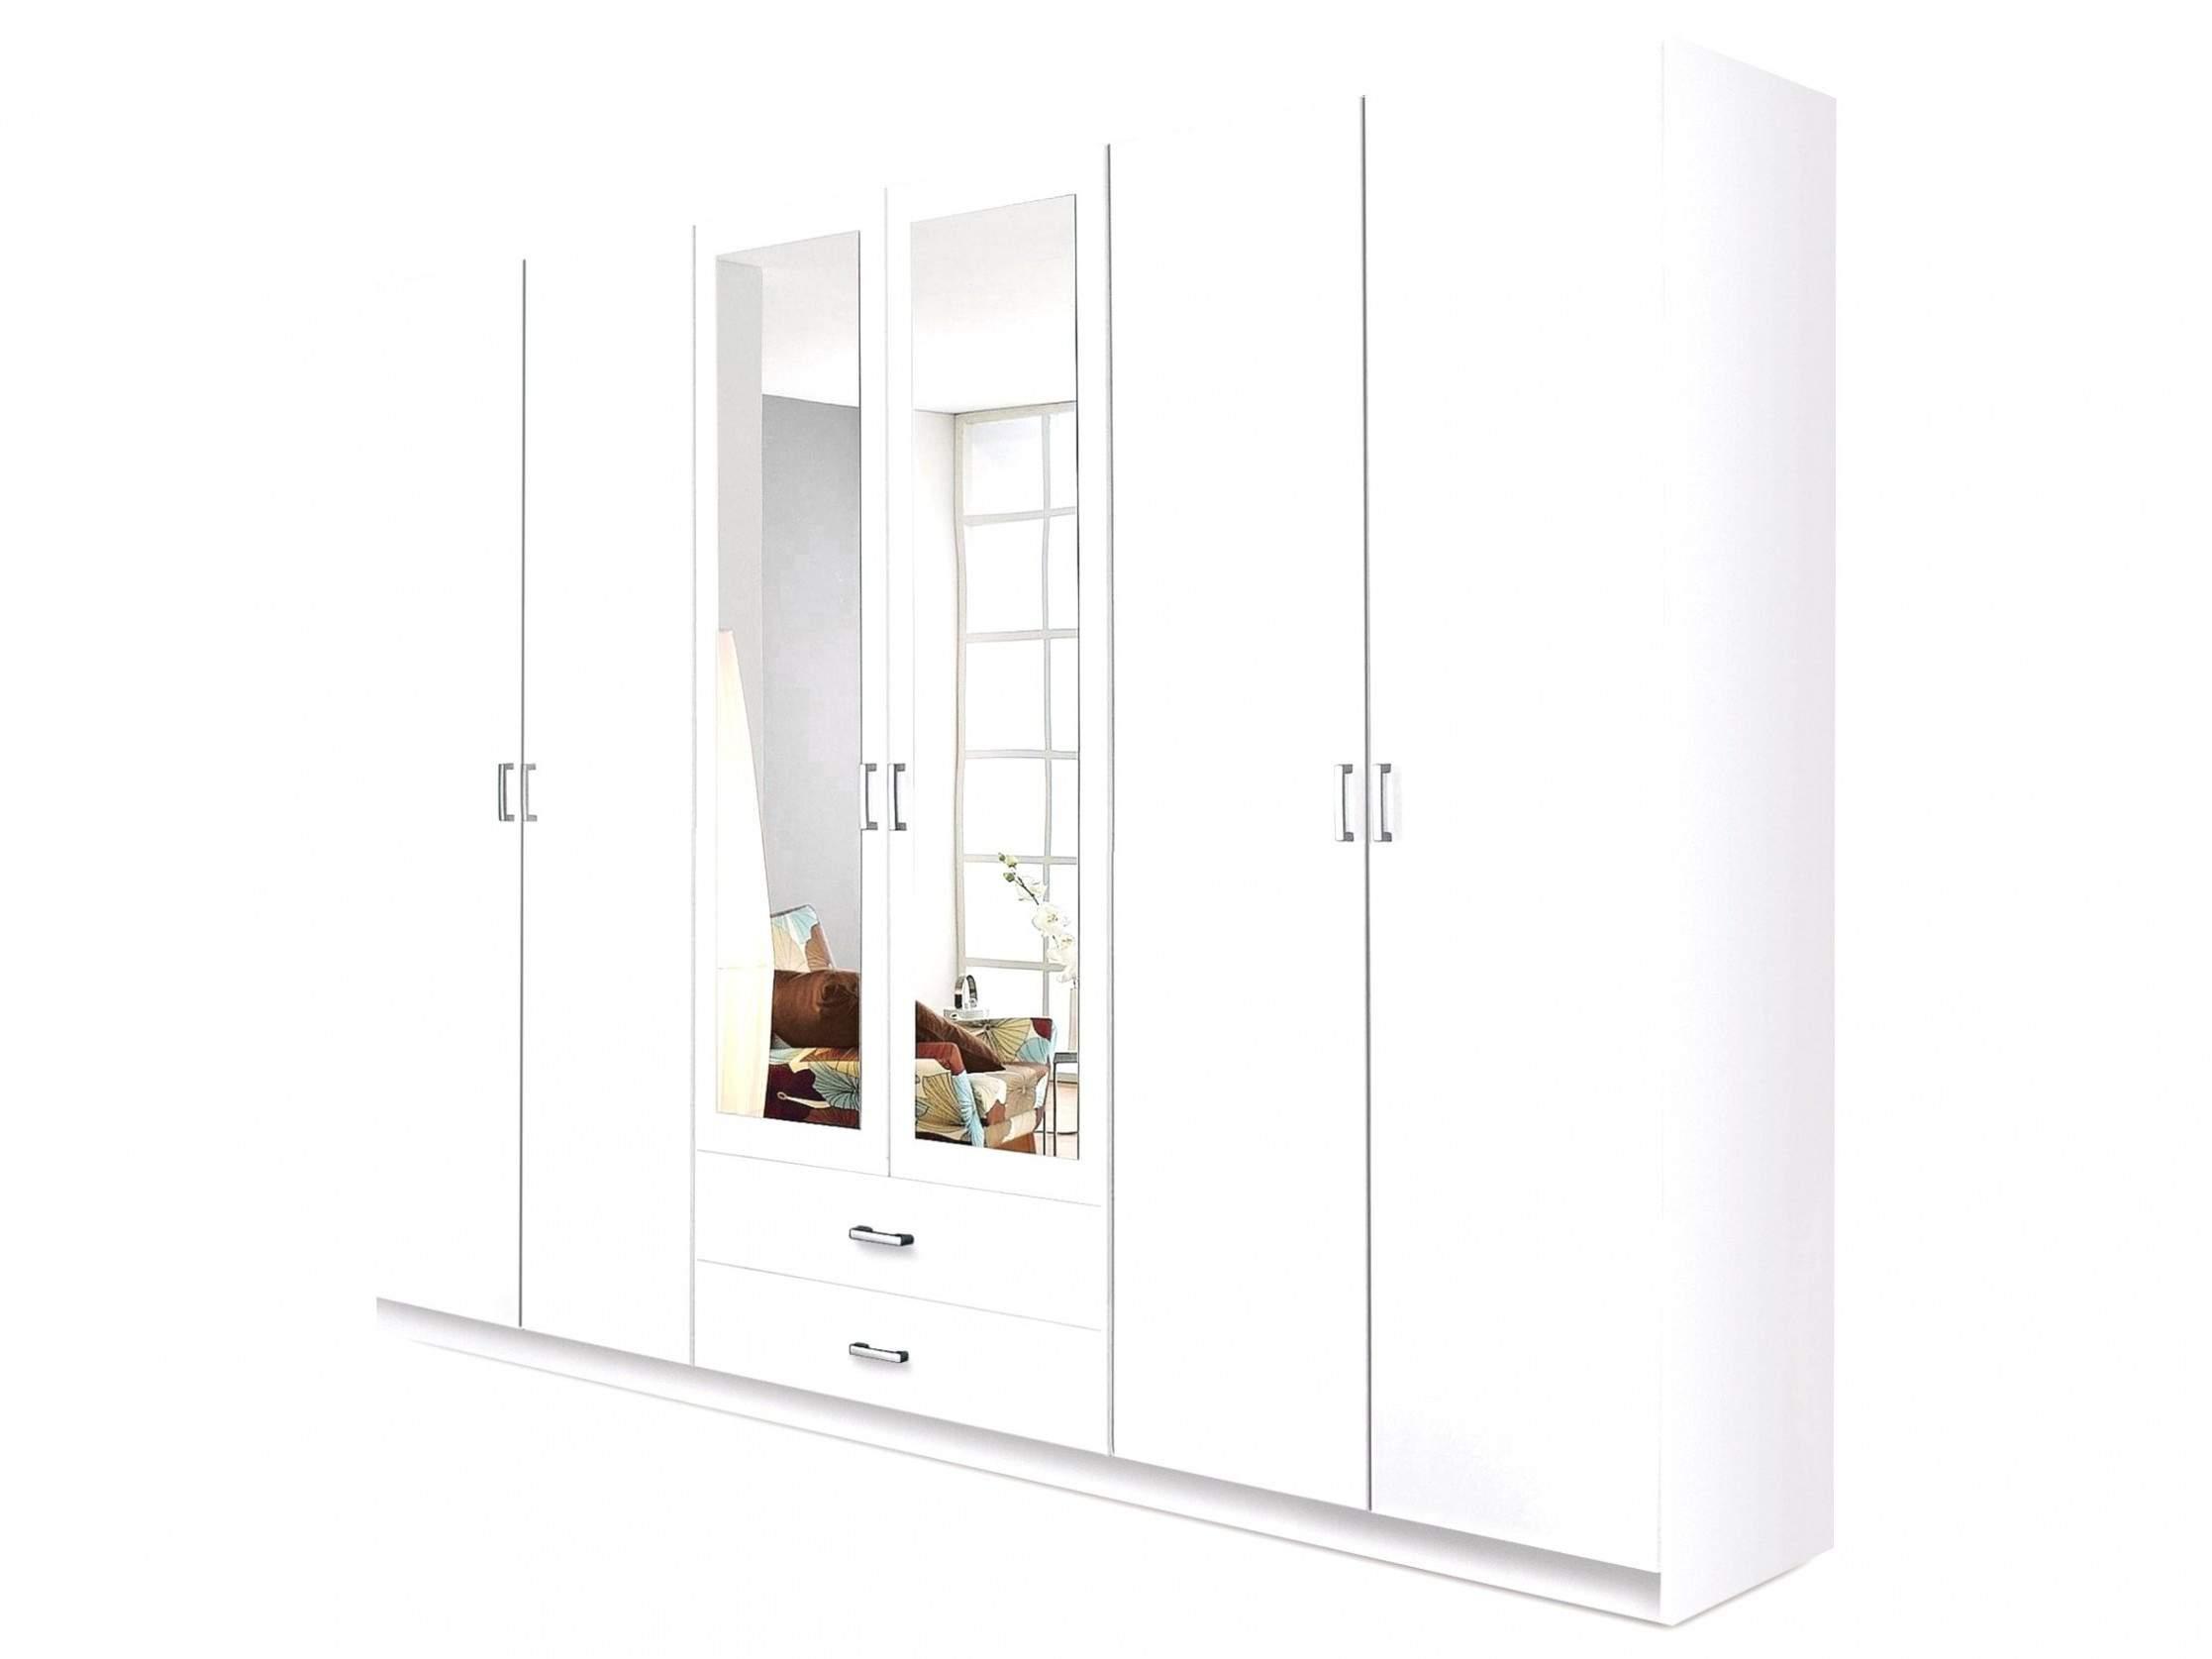 Full Size of Wandsprüche Wohnzimmer Luxus Getränkekisten Regal Englisch Küche Wandsprüche